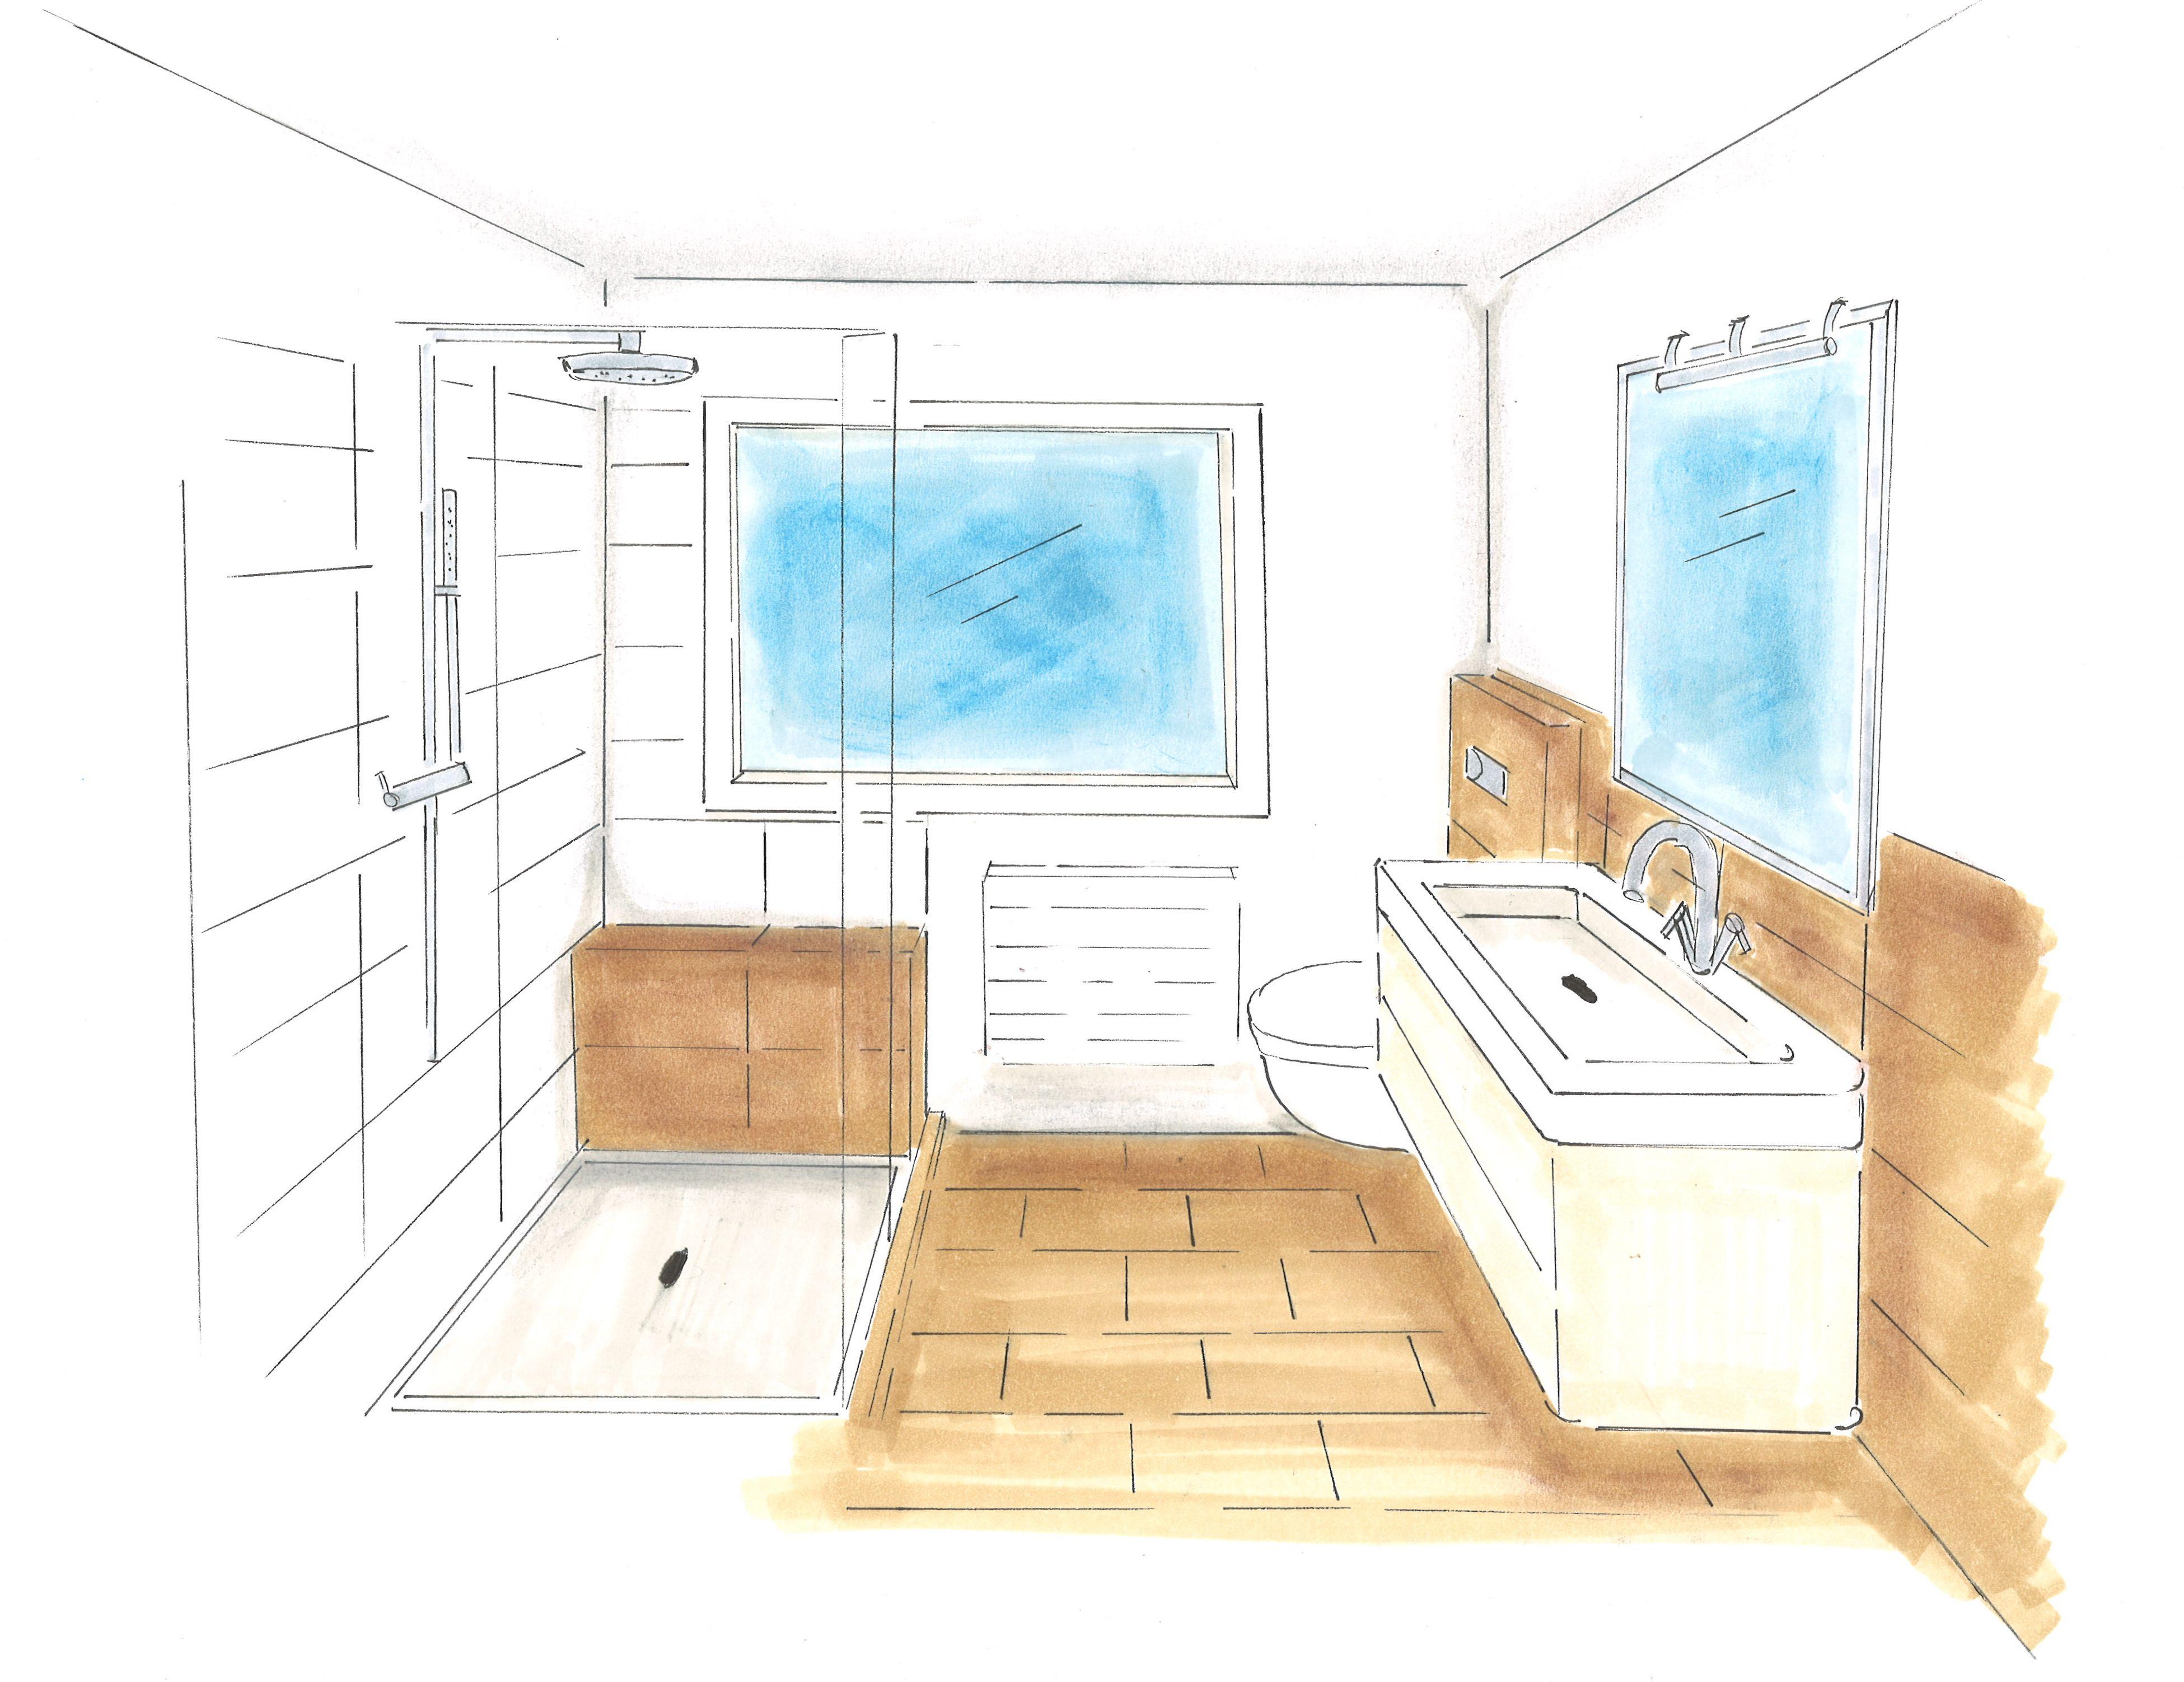 Livlig   3D perspectief   Interieurontwerp   moderne badkamer   www.livlig.nl